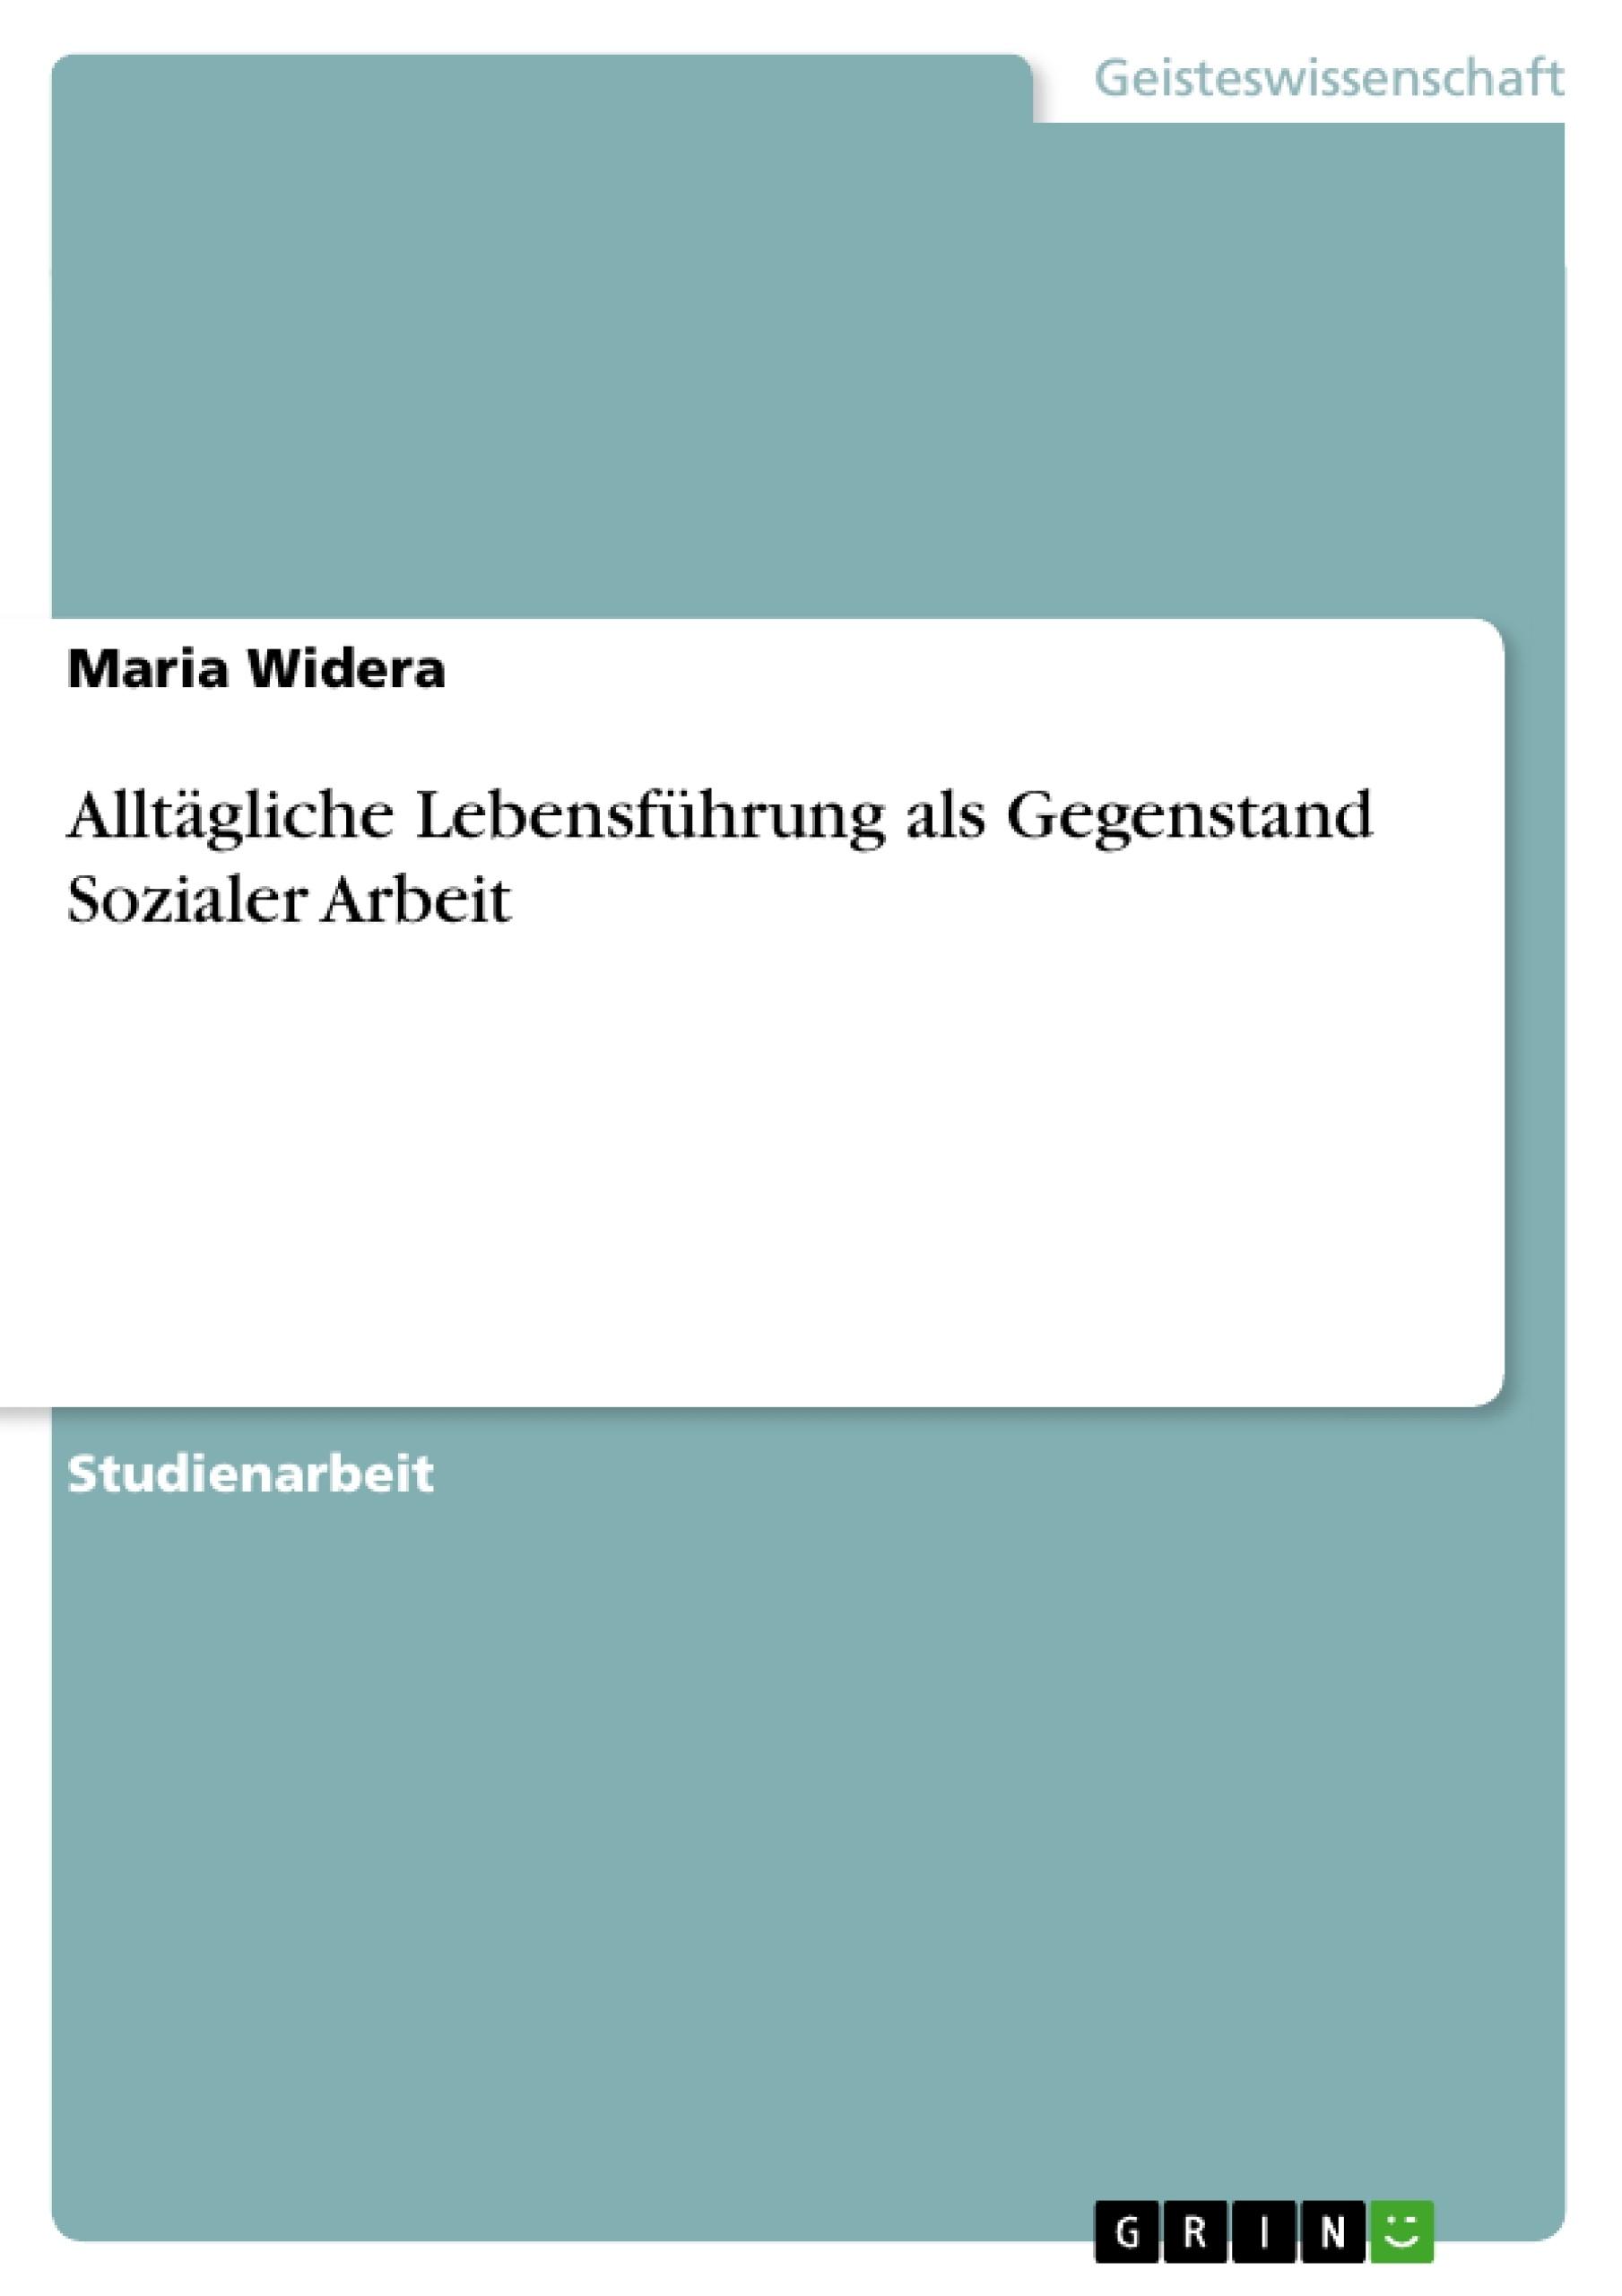 Titel: Alltägliche Lebensführung als Gegenstand Sozialer Arbeit